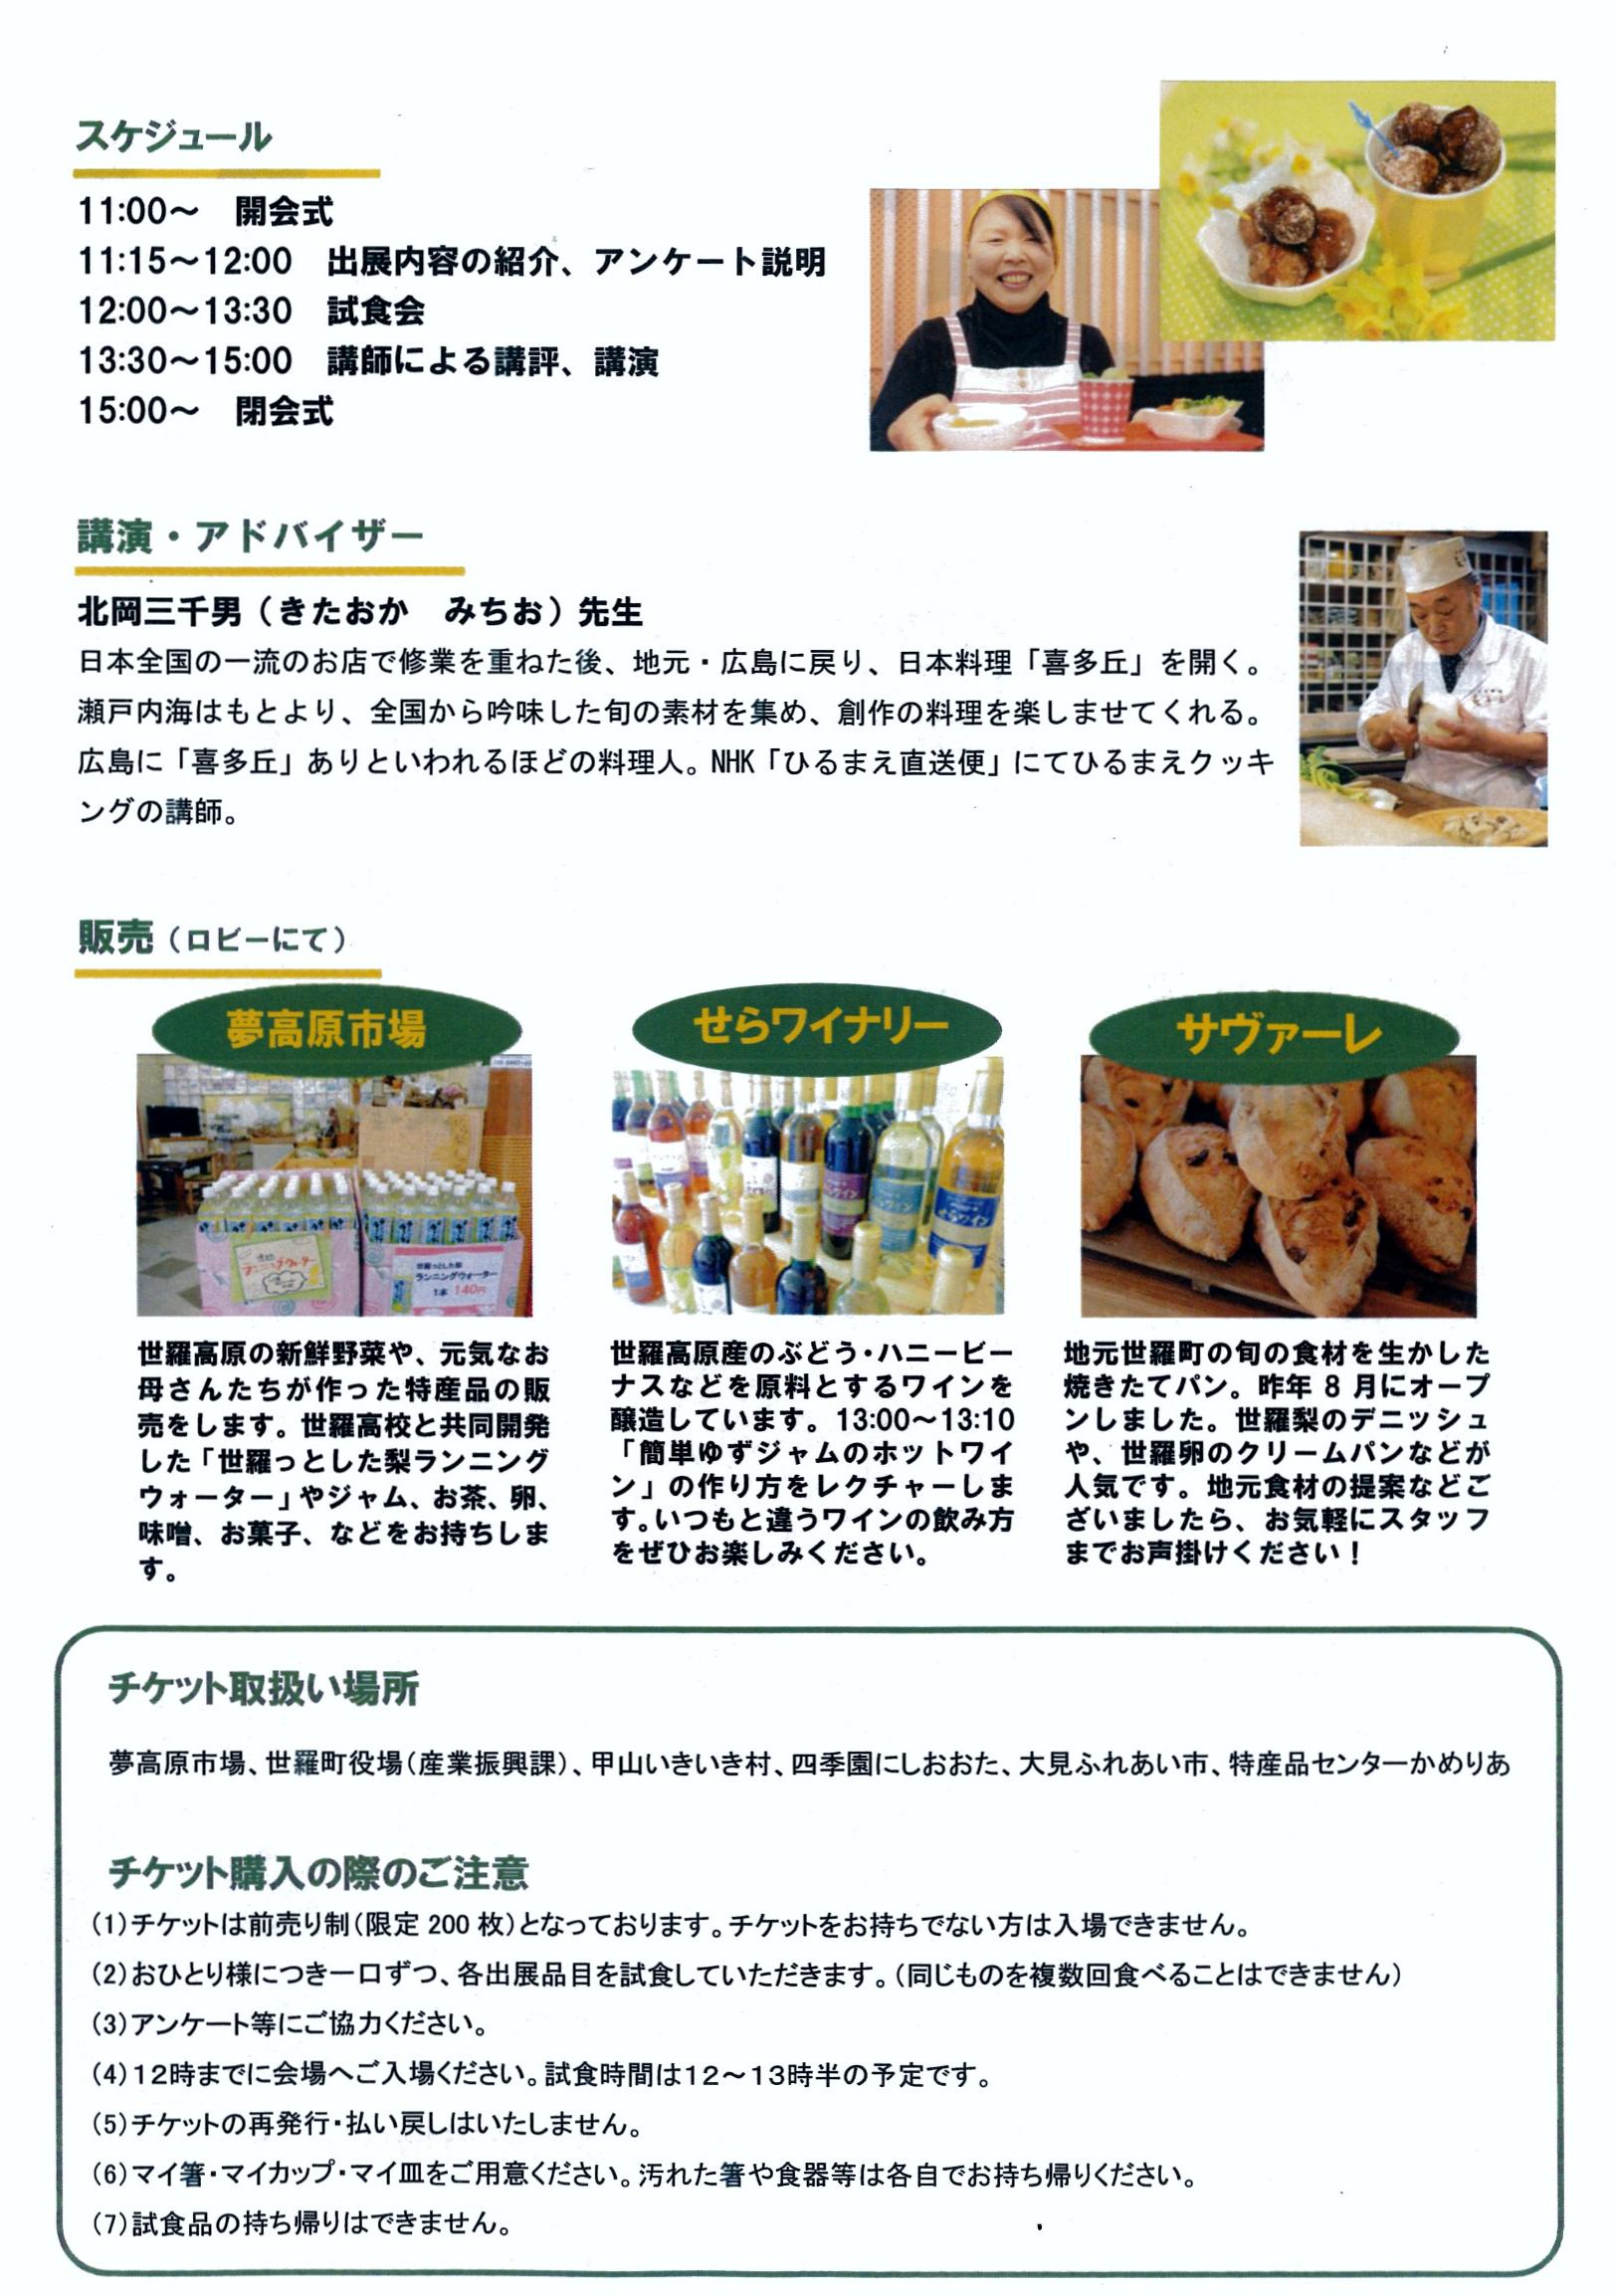 せらスローフードフェスタ02